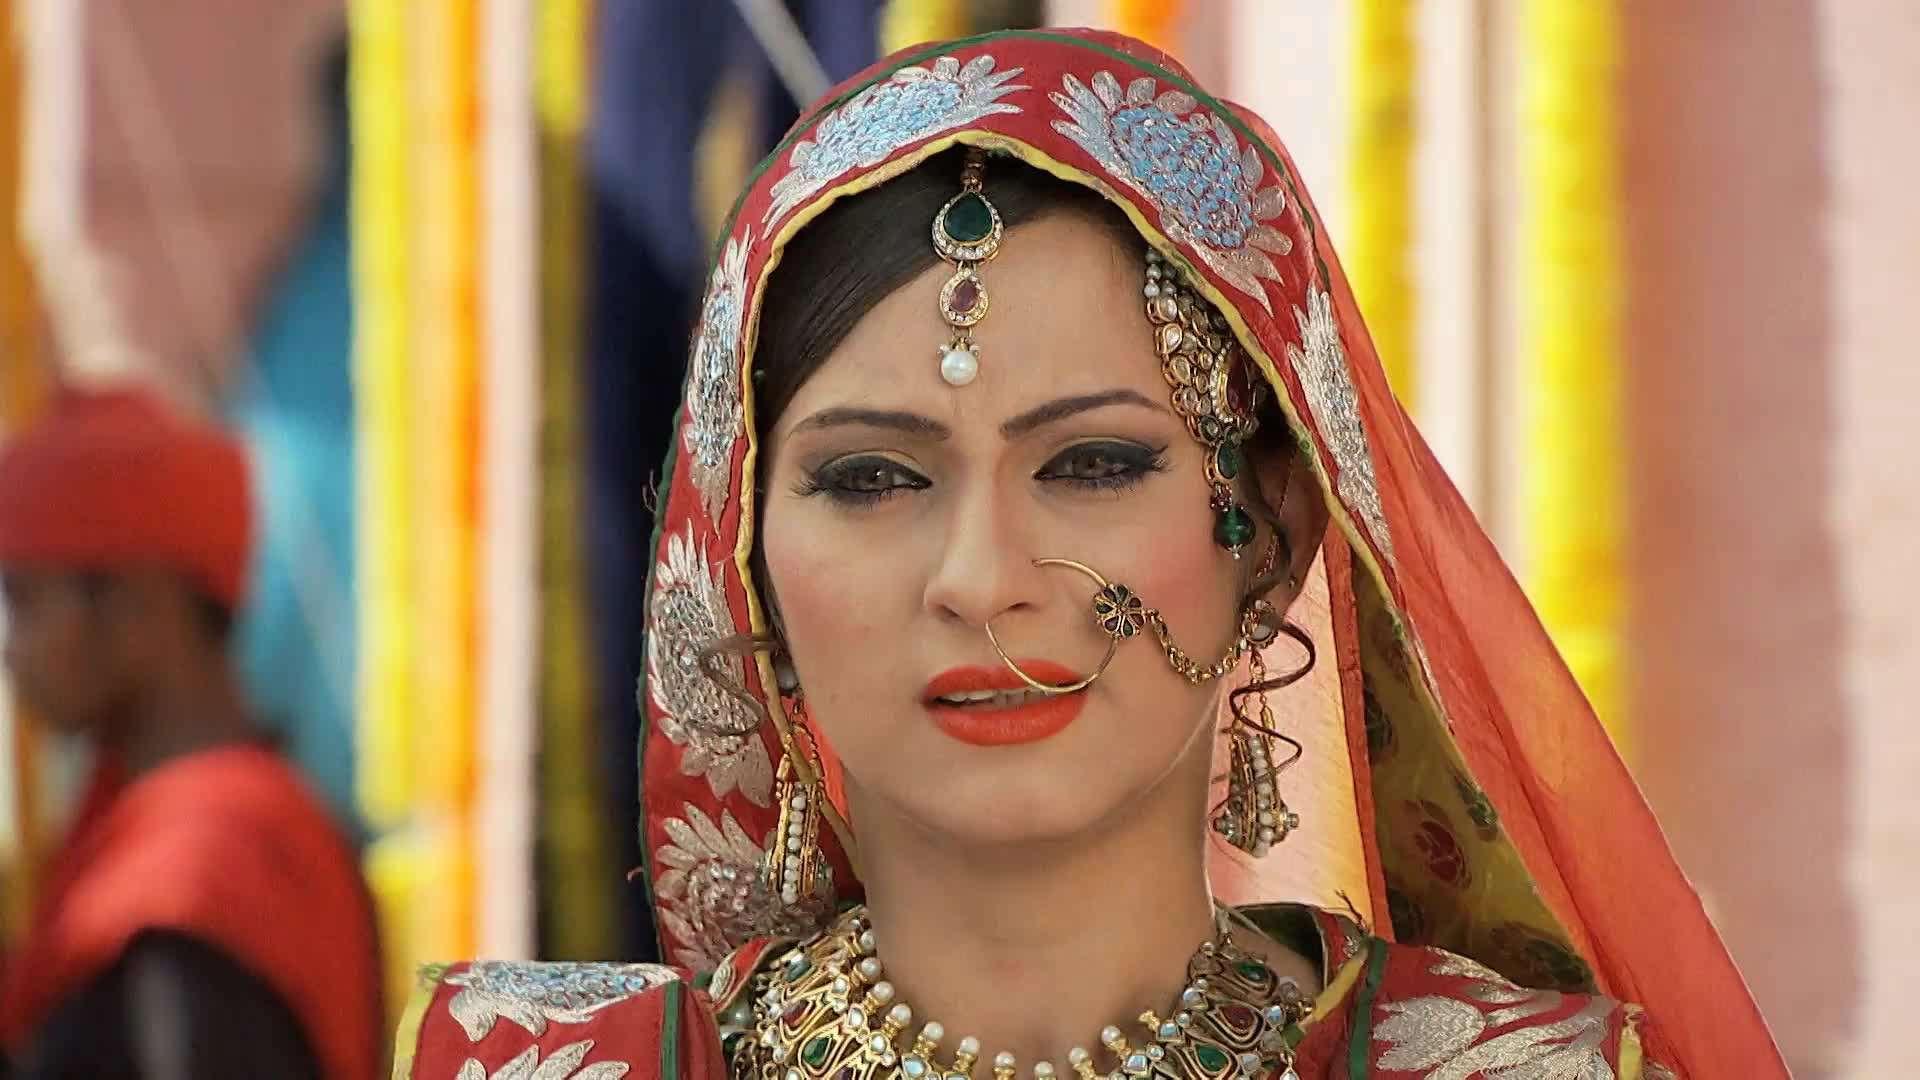 المسلسل الهندي التاريخي جودا أكبر الجزء الثاني (2013) [مدبلج] كامل 1080p تحميل تورنت 20 arabp2p.com